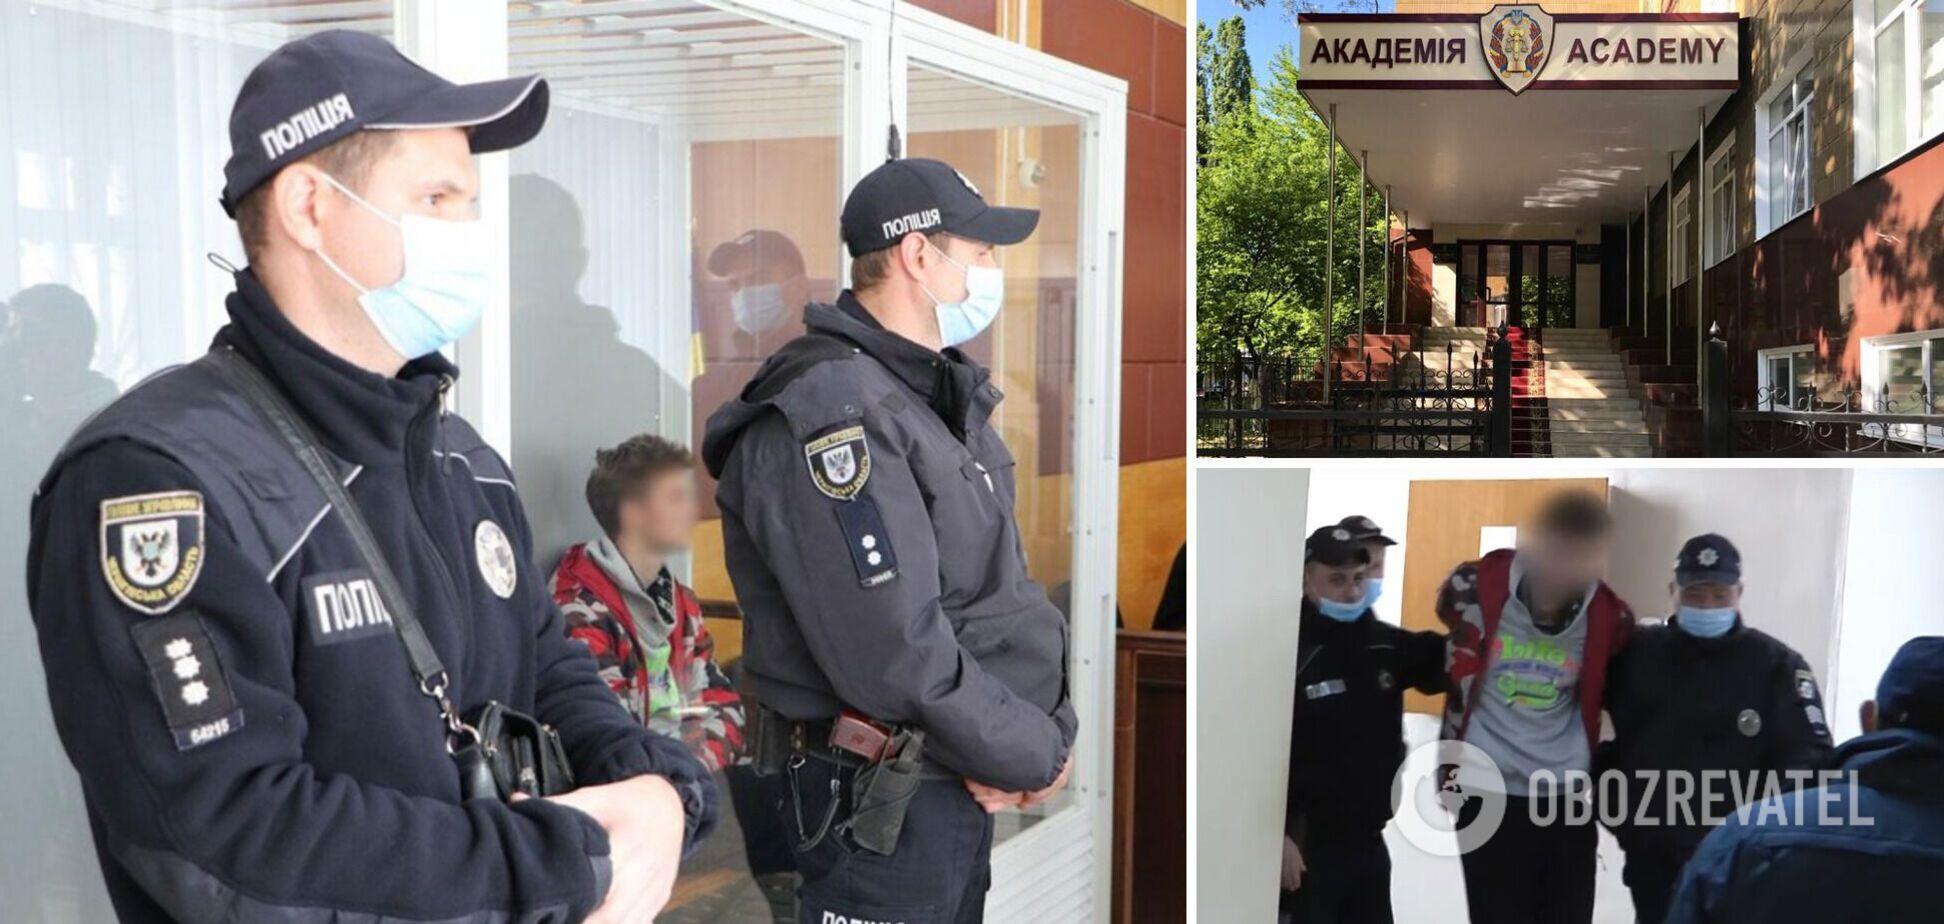 Бійка з поліцейськими в Чернігові